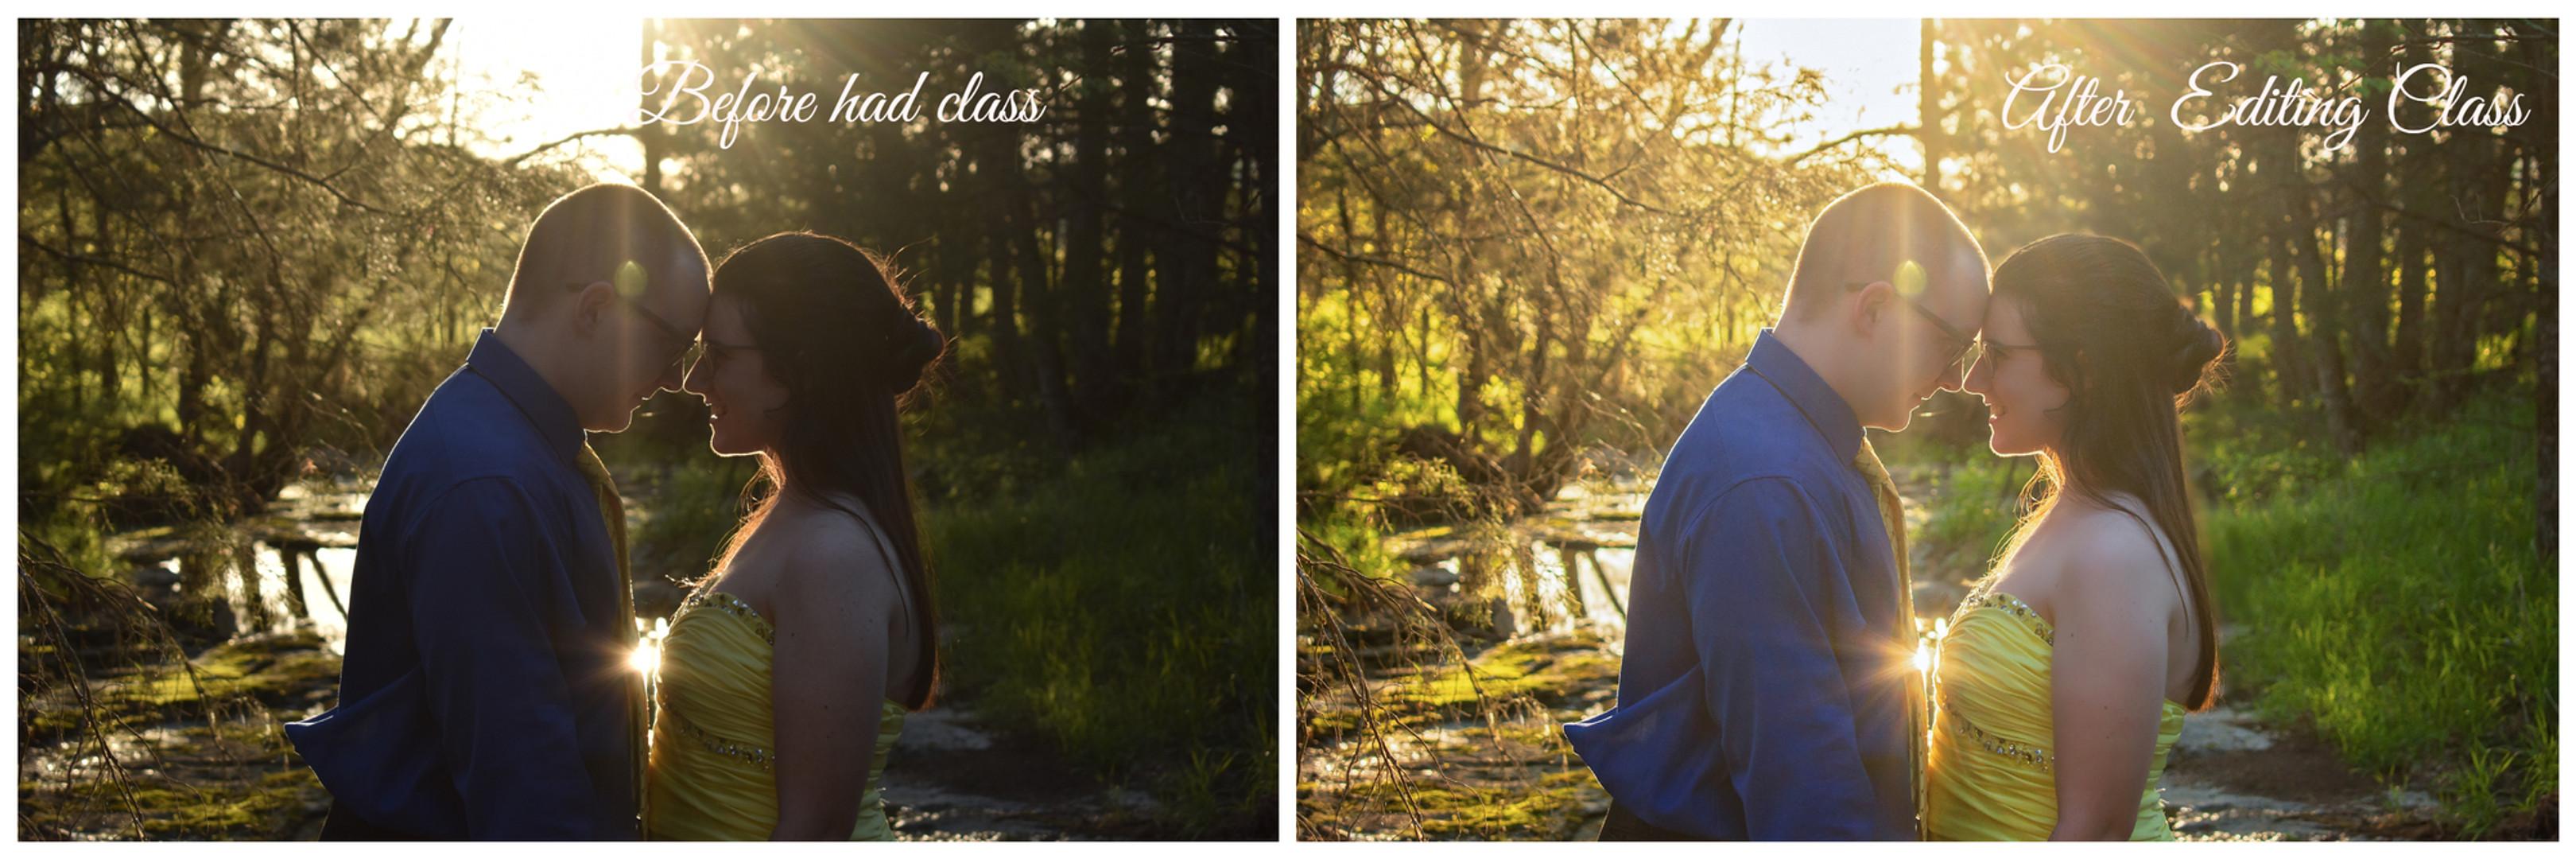 Photography Class MurfreesboroTN